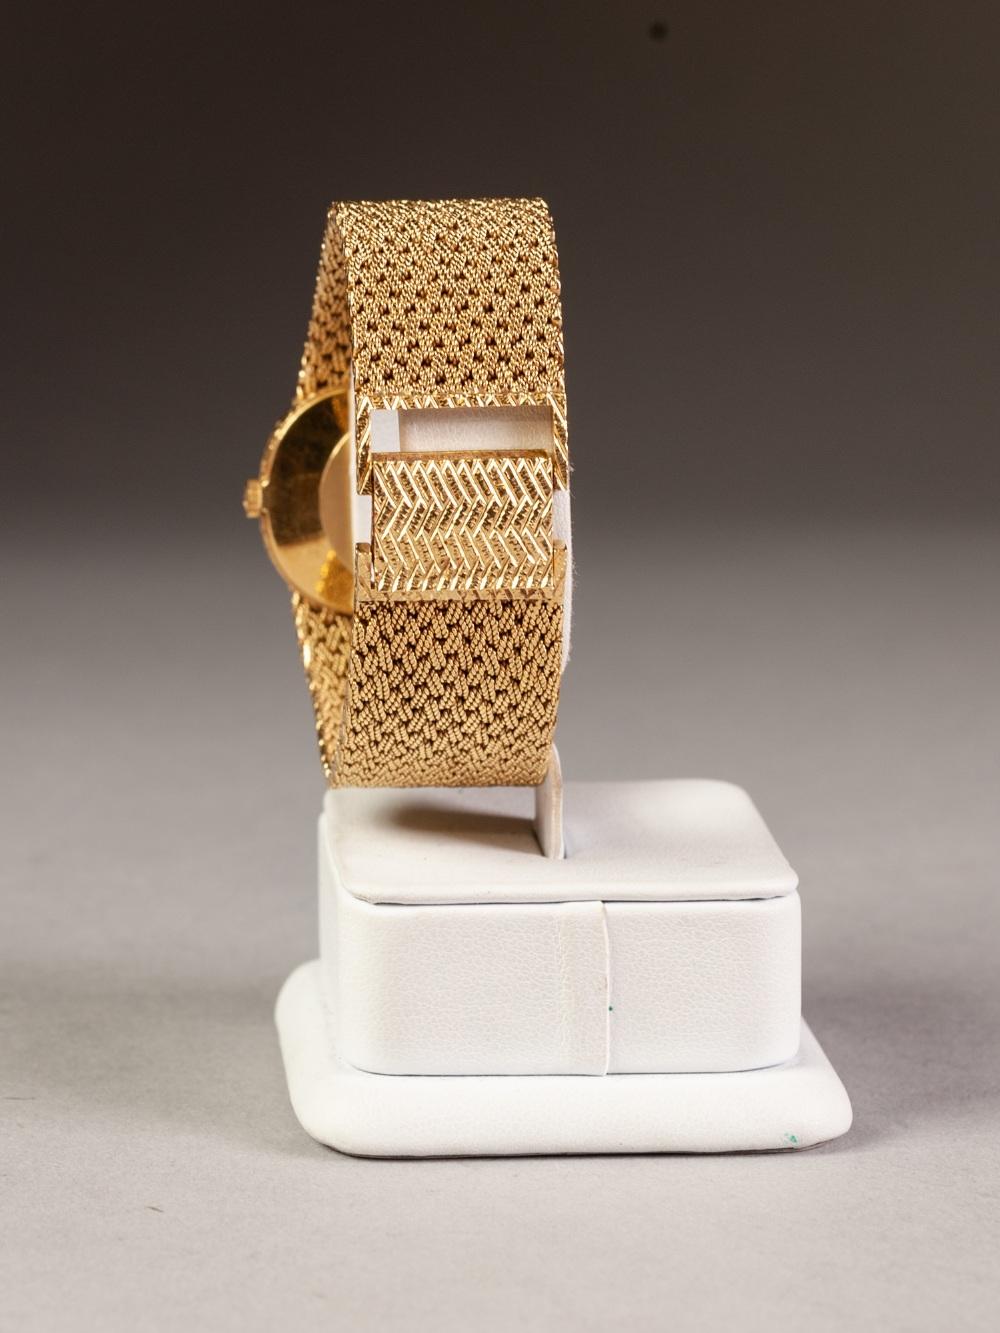 Lot 6 - BUECHE-GIROD 18CT GOLD CASED GENTLEMAN'S WRISTWATCH on integral braided bracelet, hallmarked